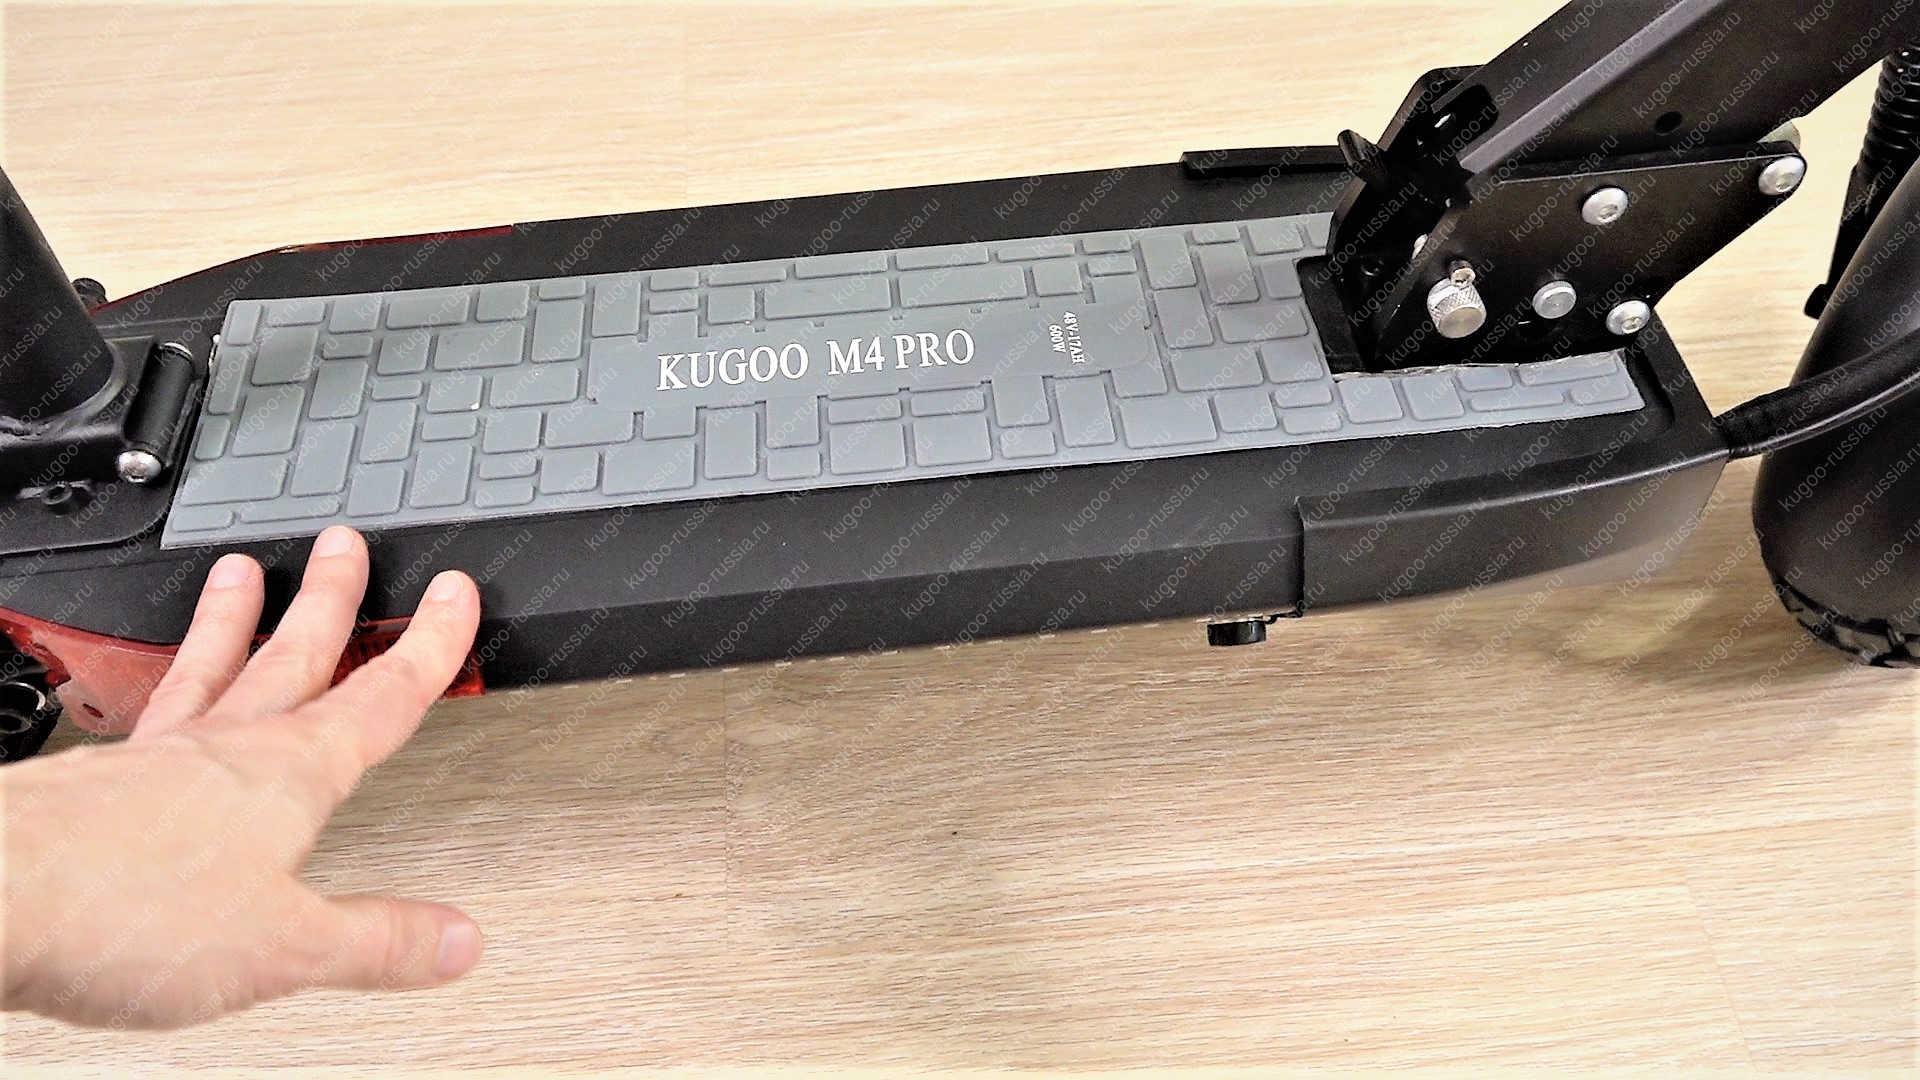 Kugoo M4 Pro